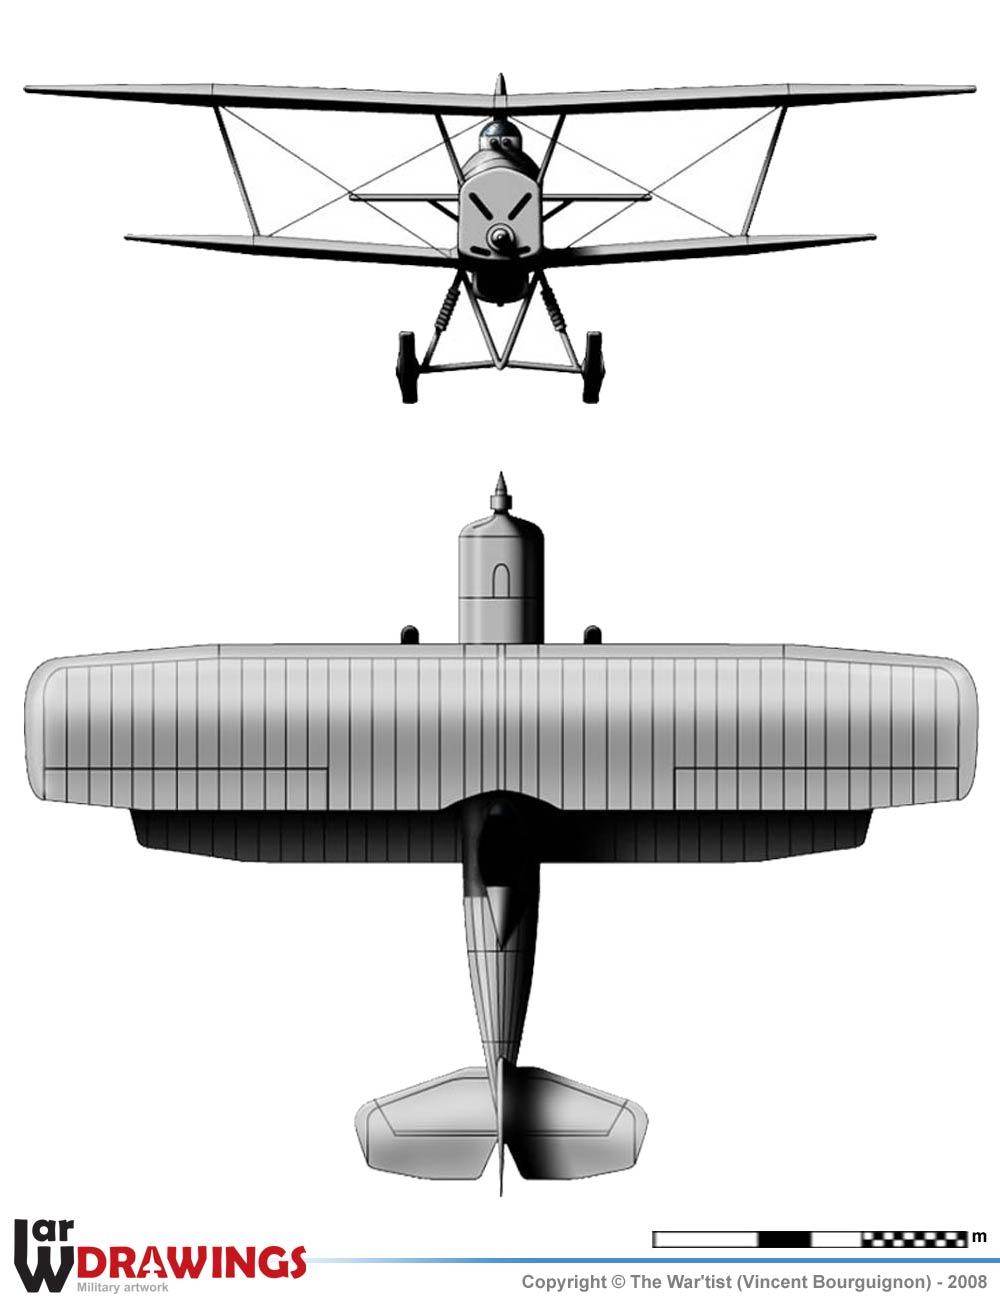 Tupolev I-8/ Ant-13 on